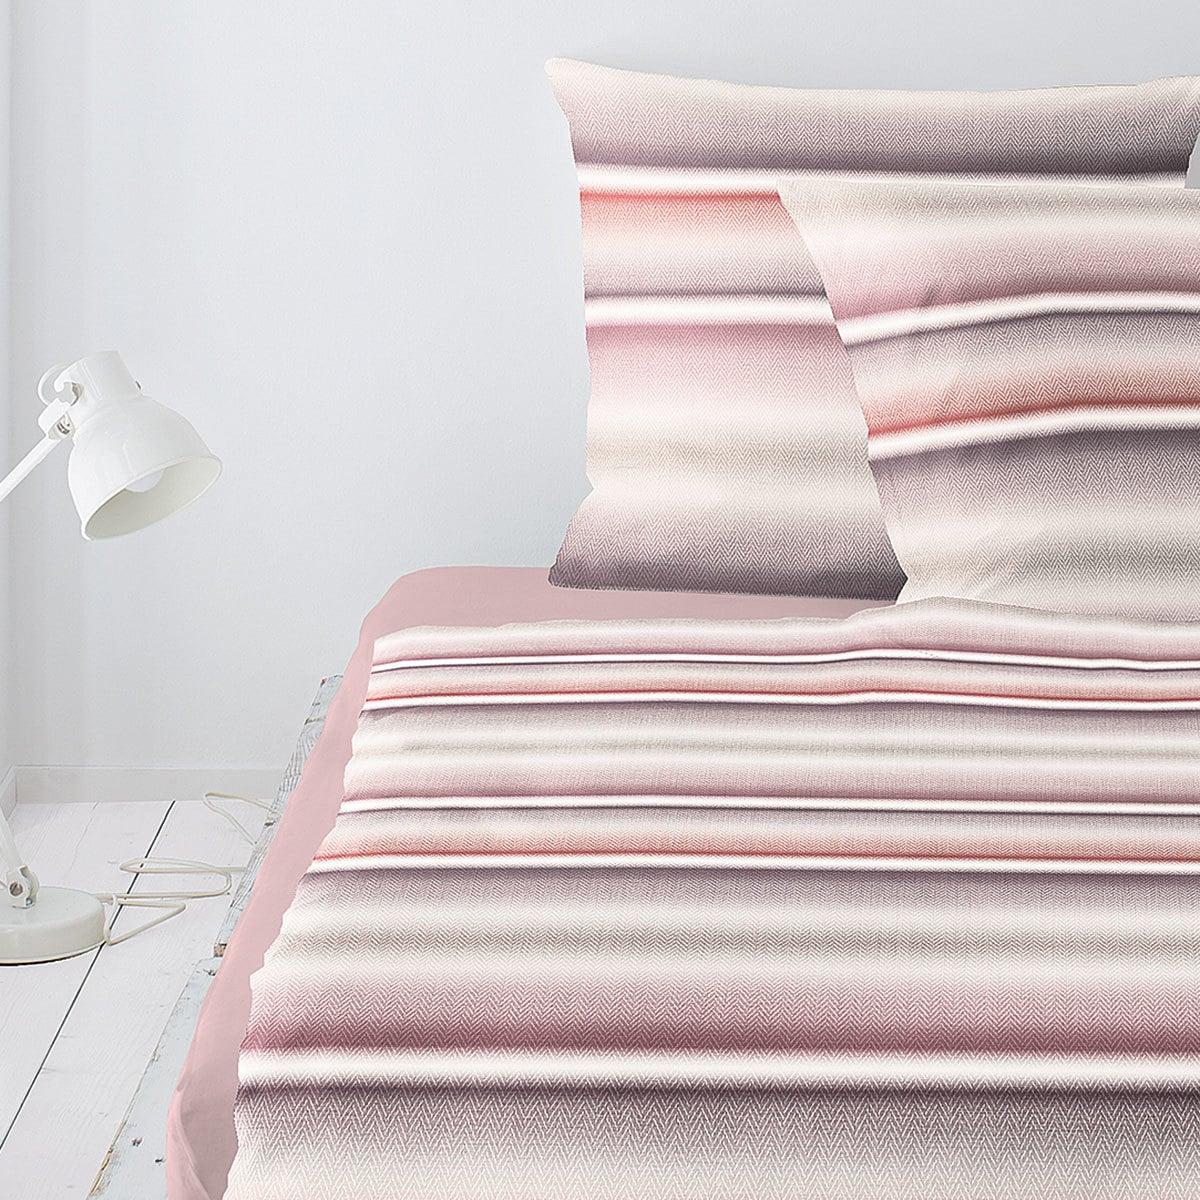 irisette biber bettw sche davos 8016 70 g nstig online kaufen bei bettwaren shop. Black Bedroom Furniture Sets. Home Design Ideas